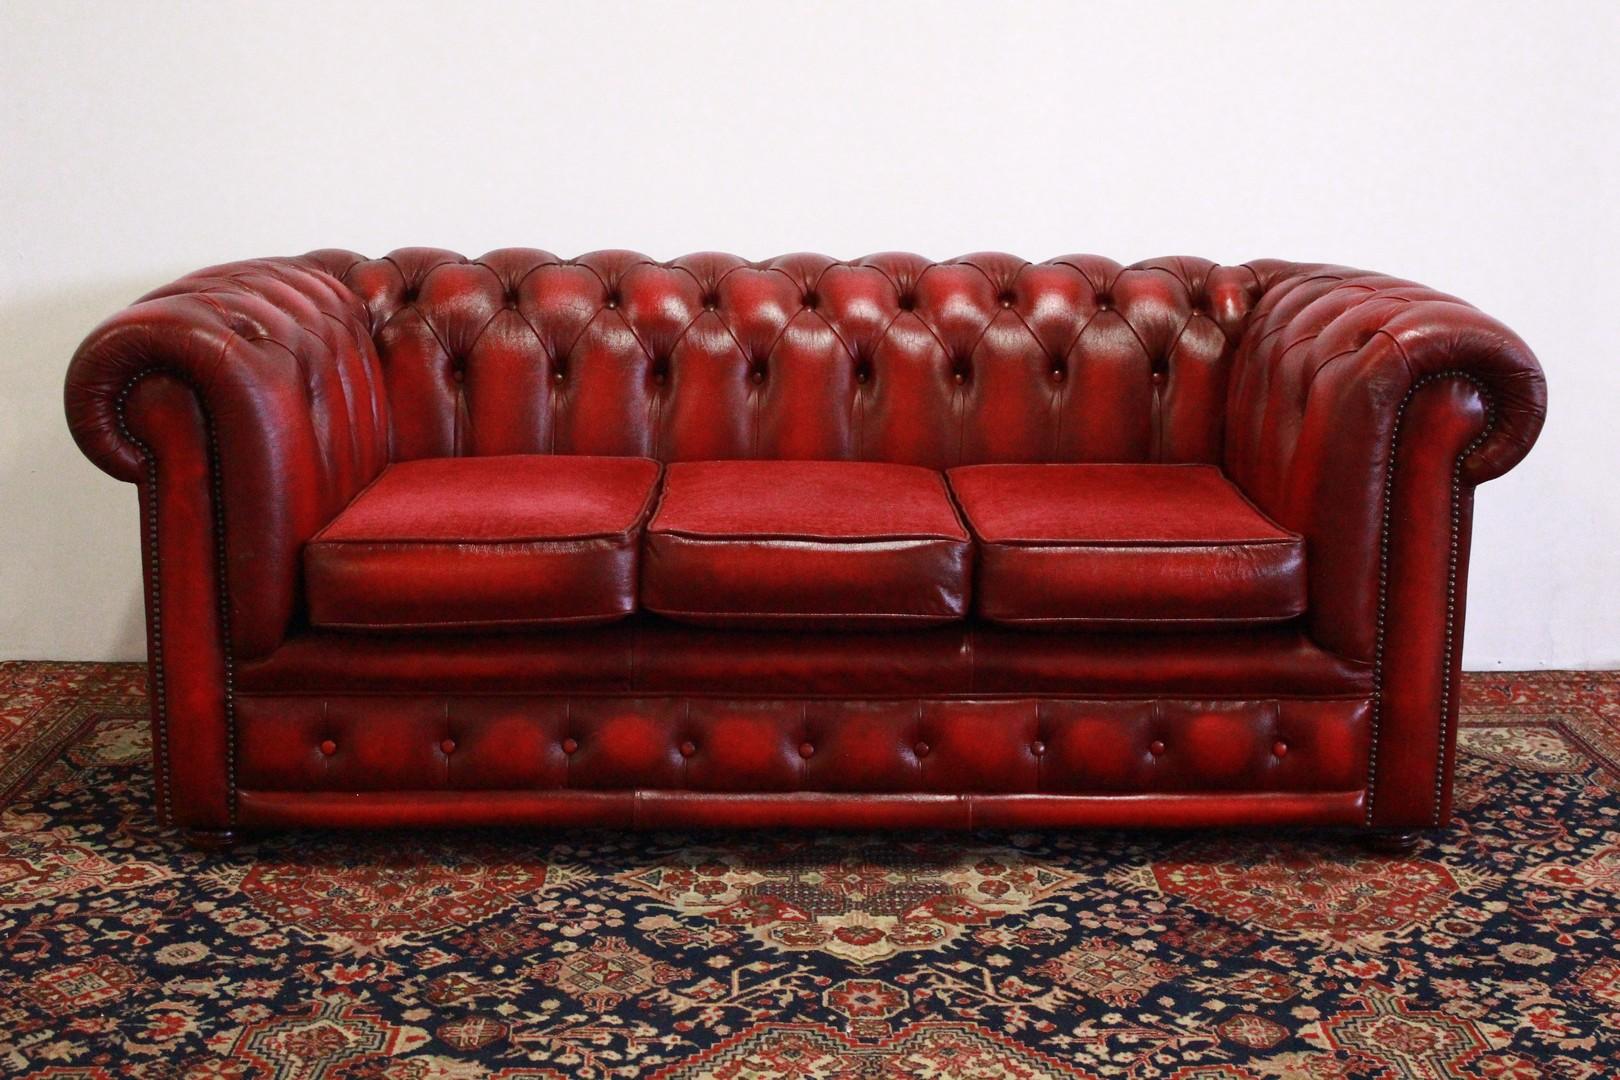 Divano Inglese Chesterfield.Dettagli Su Divano 3 Posti Chesterfield Chester Club Originale Inglese In Pelle Bordeaux